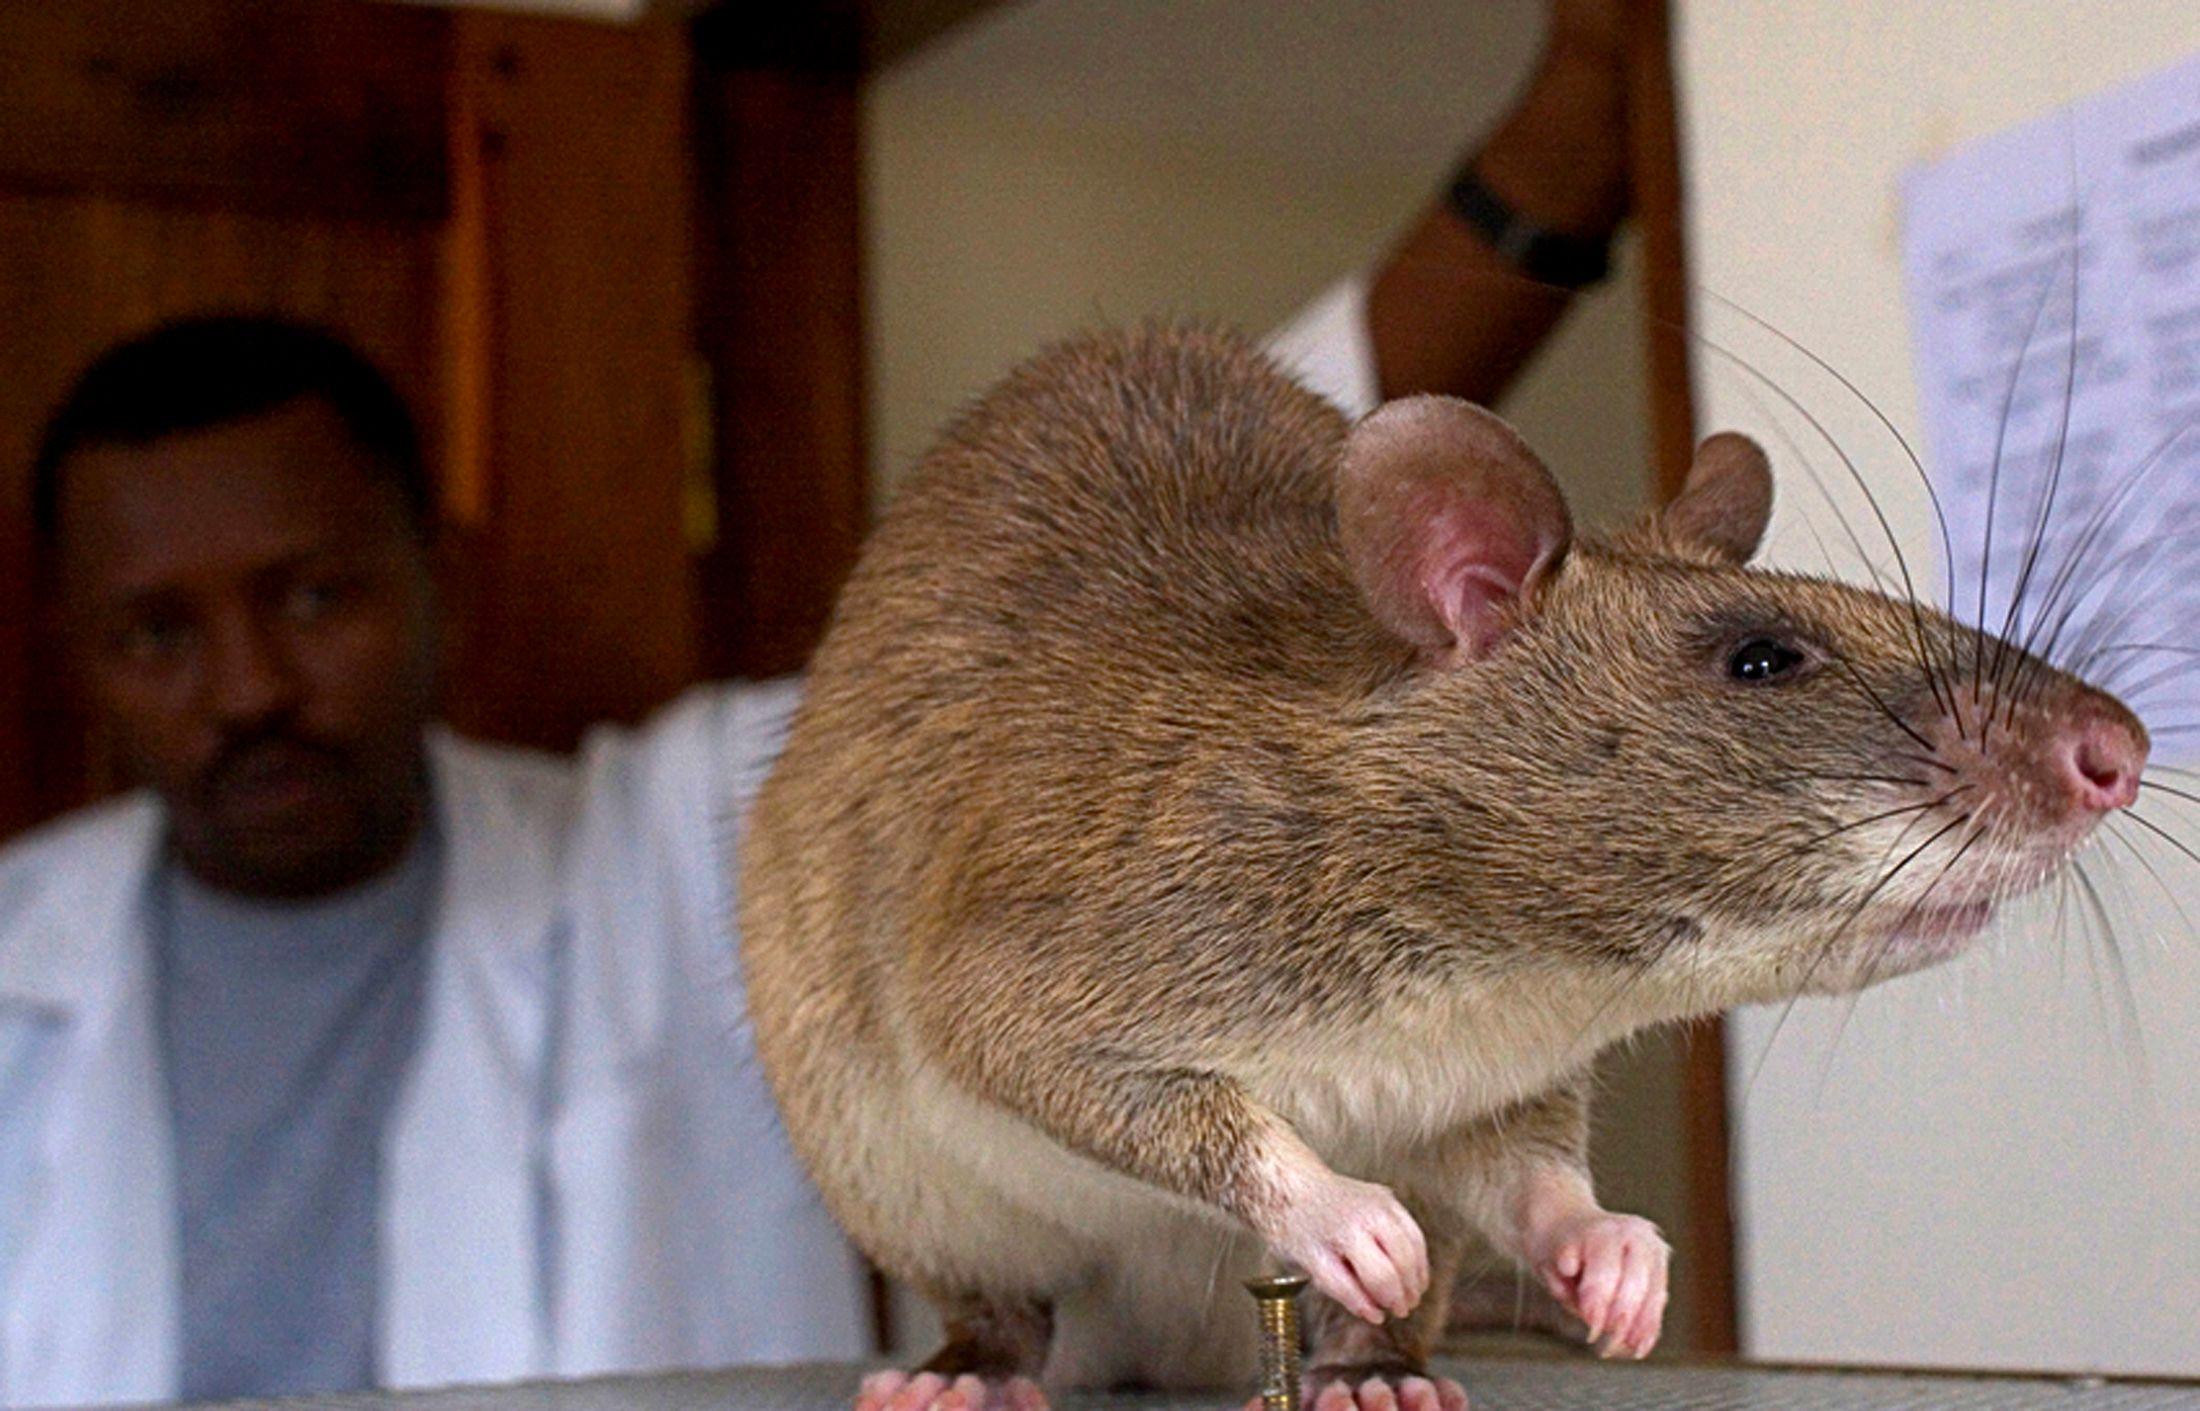 Les rats pourraient devenir plus gros que des vaches